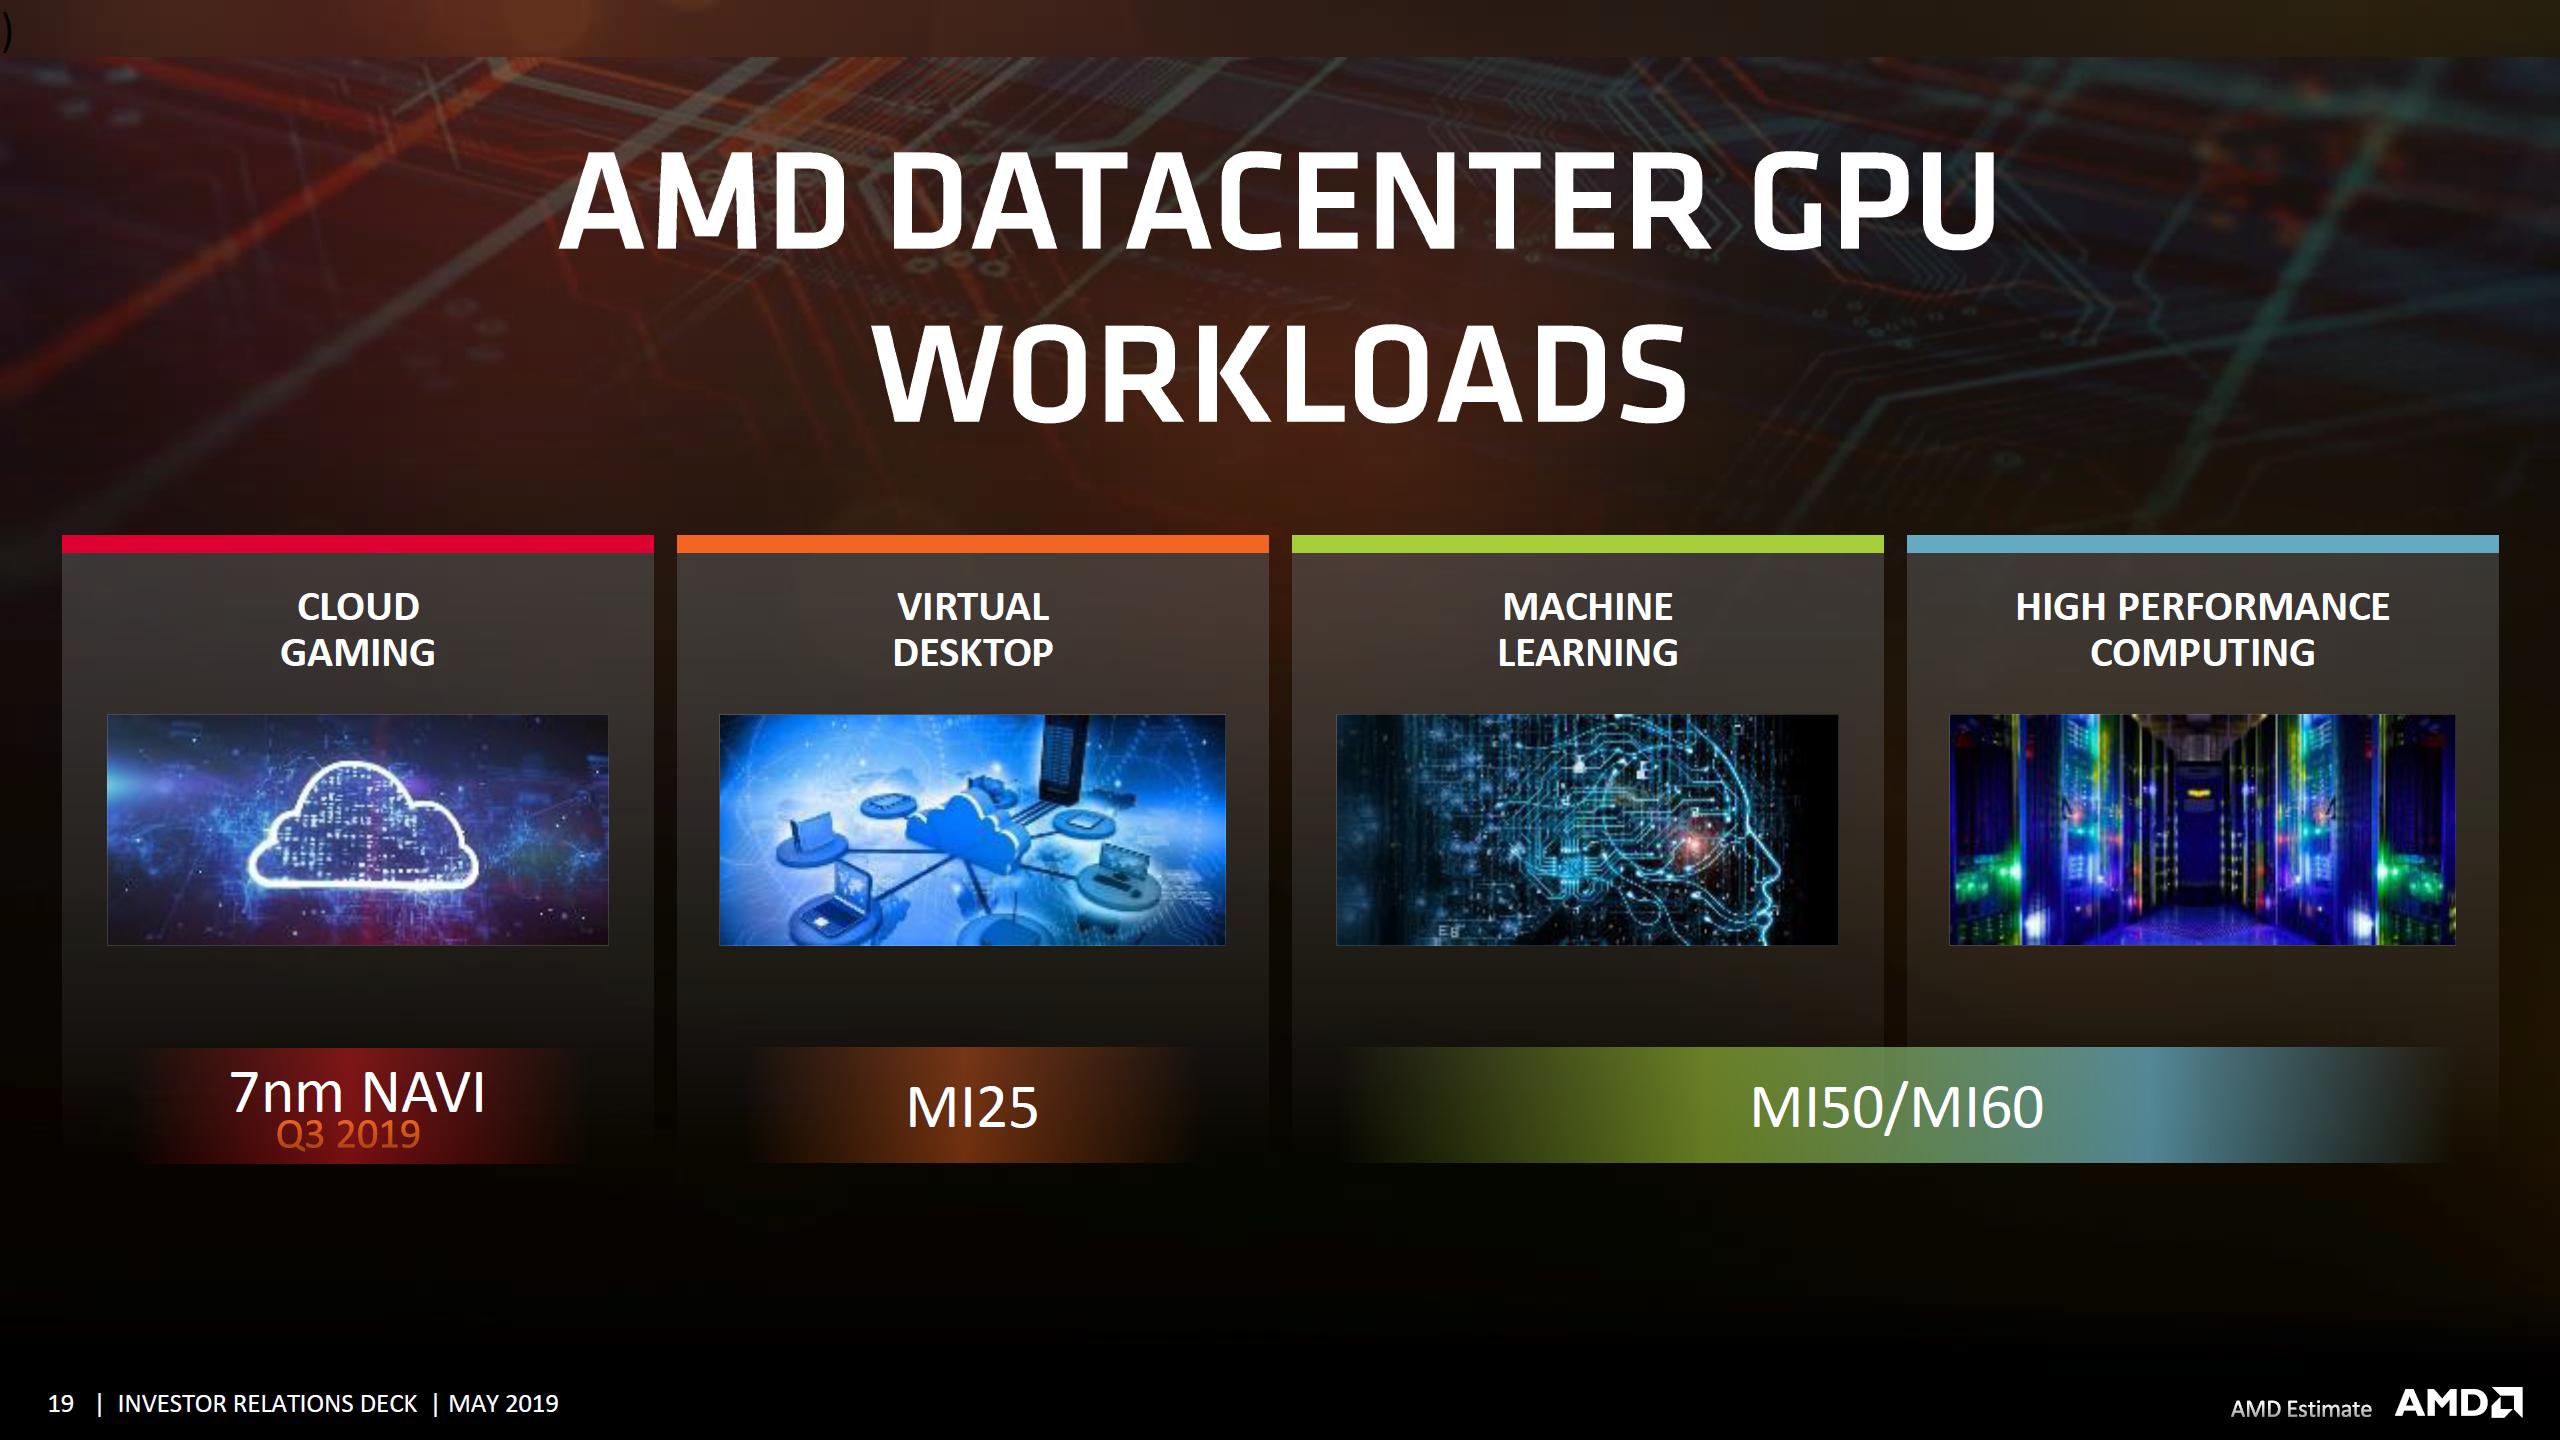 AMD Navi 20 GPU Delayed Till 2020, 7nm Radeon RX Navi Specs